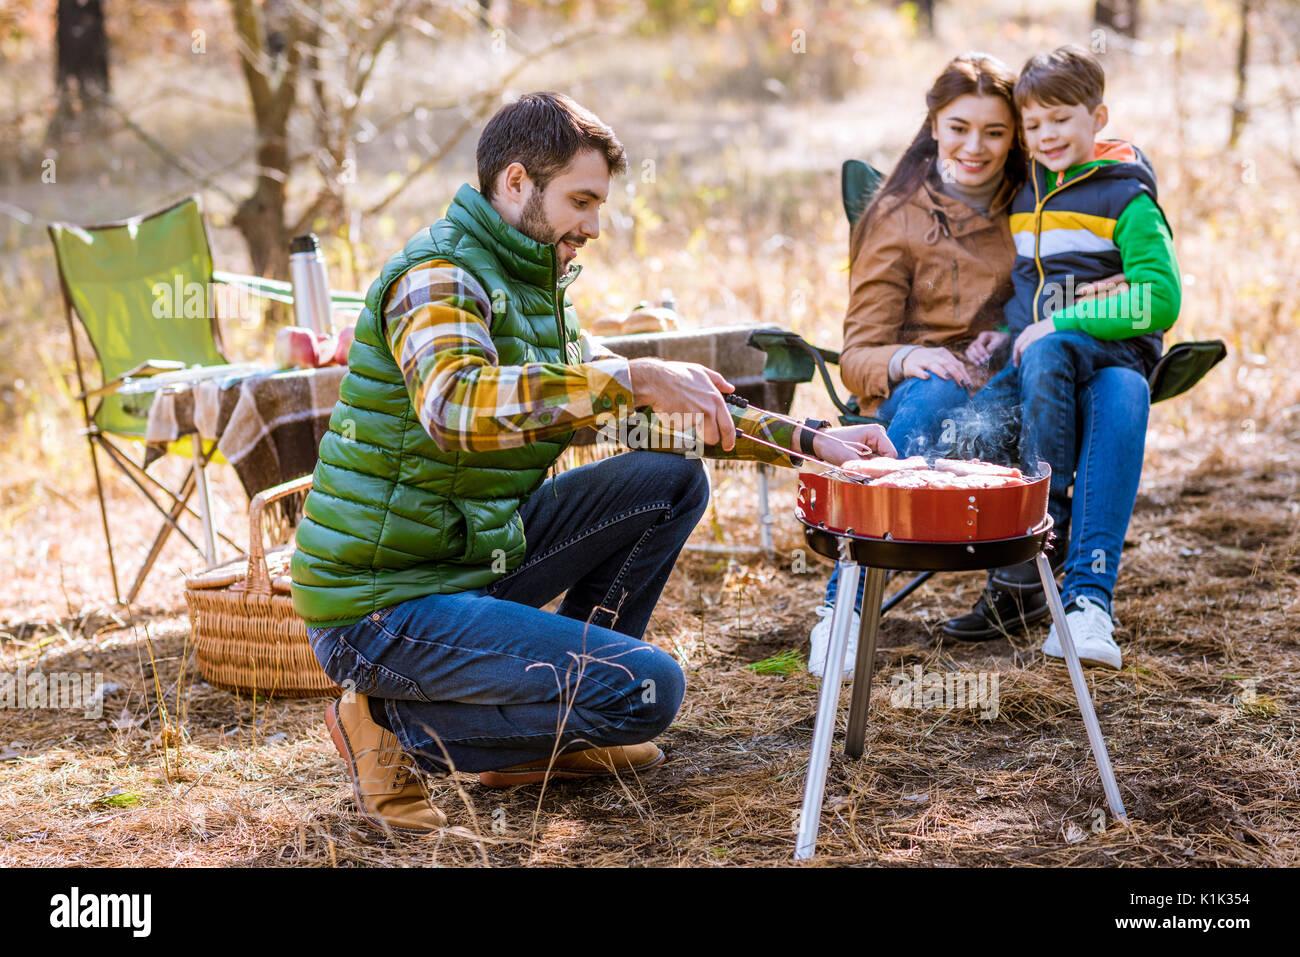 Glückliche Familie grillen von Fleisch am Grill im Herbst Park Stockbild